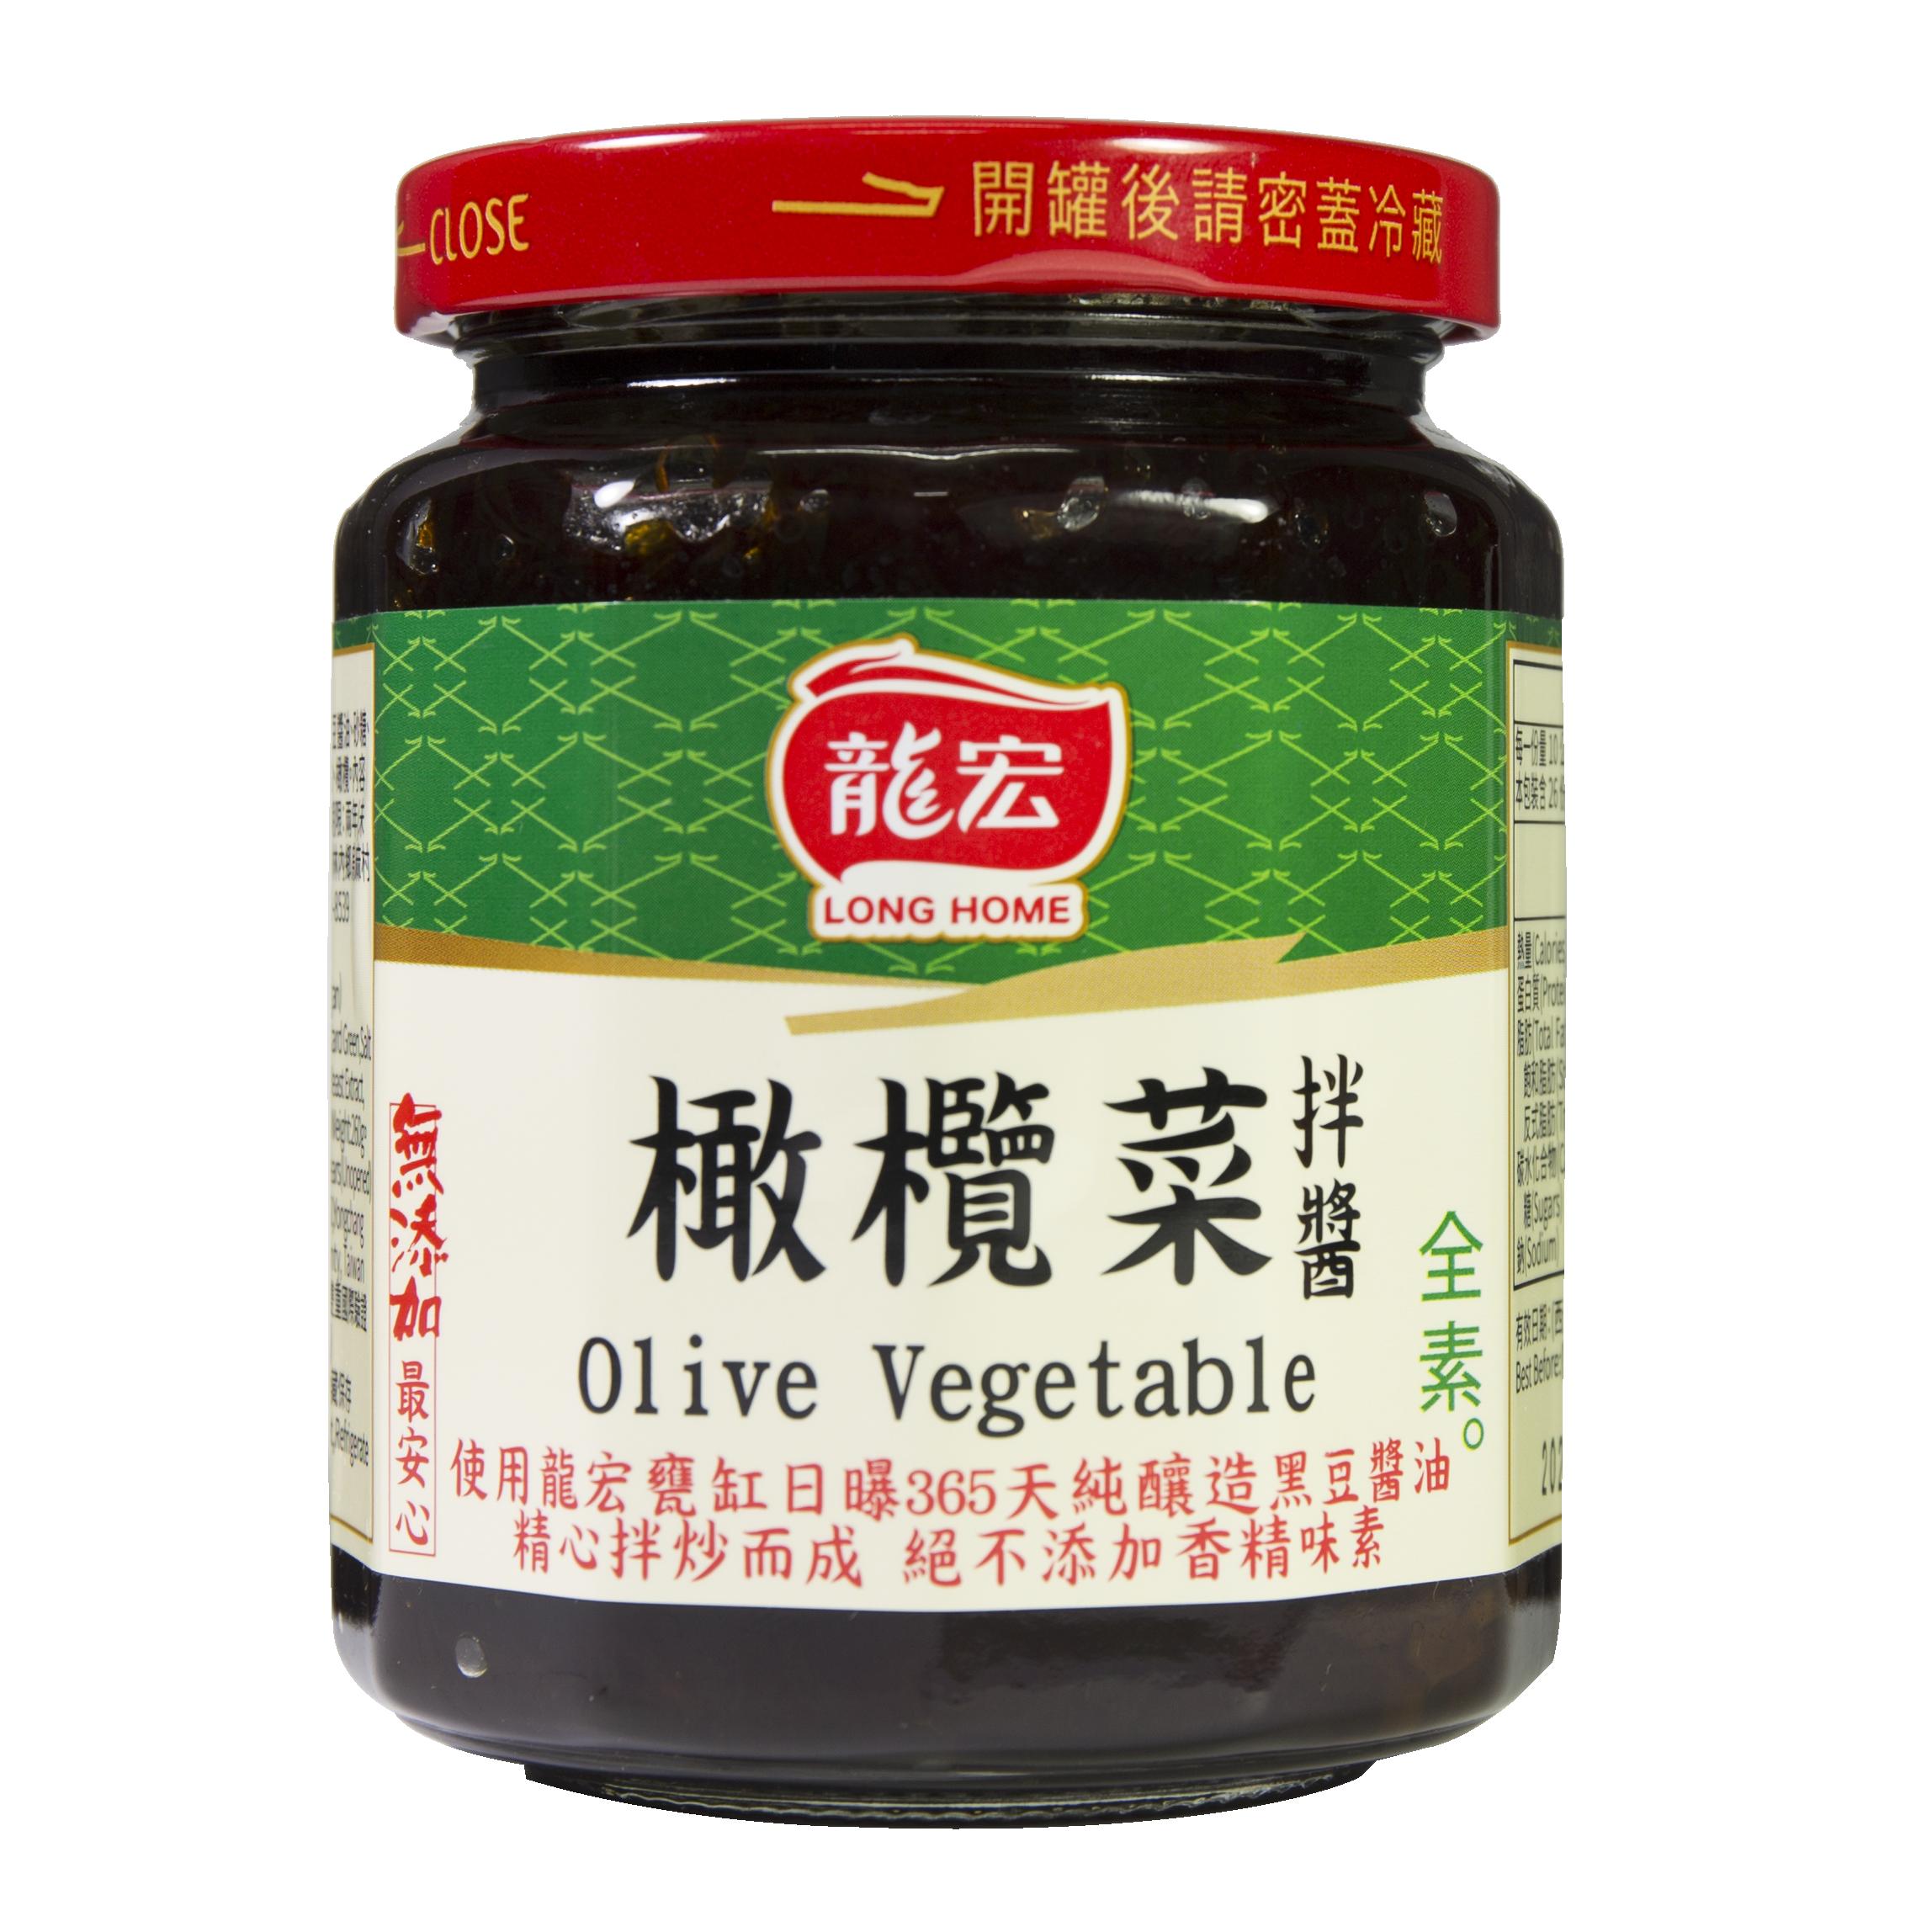 橄欖菜 260g (拌醬)